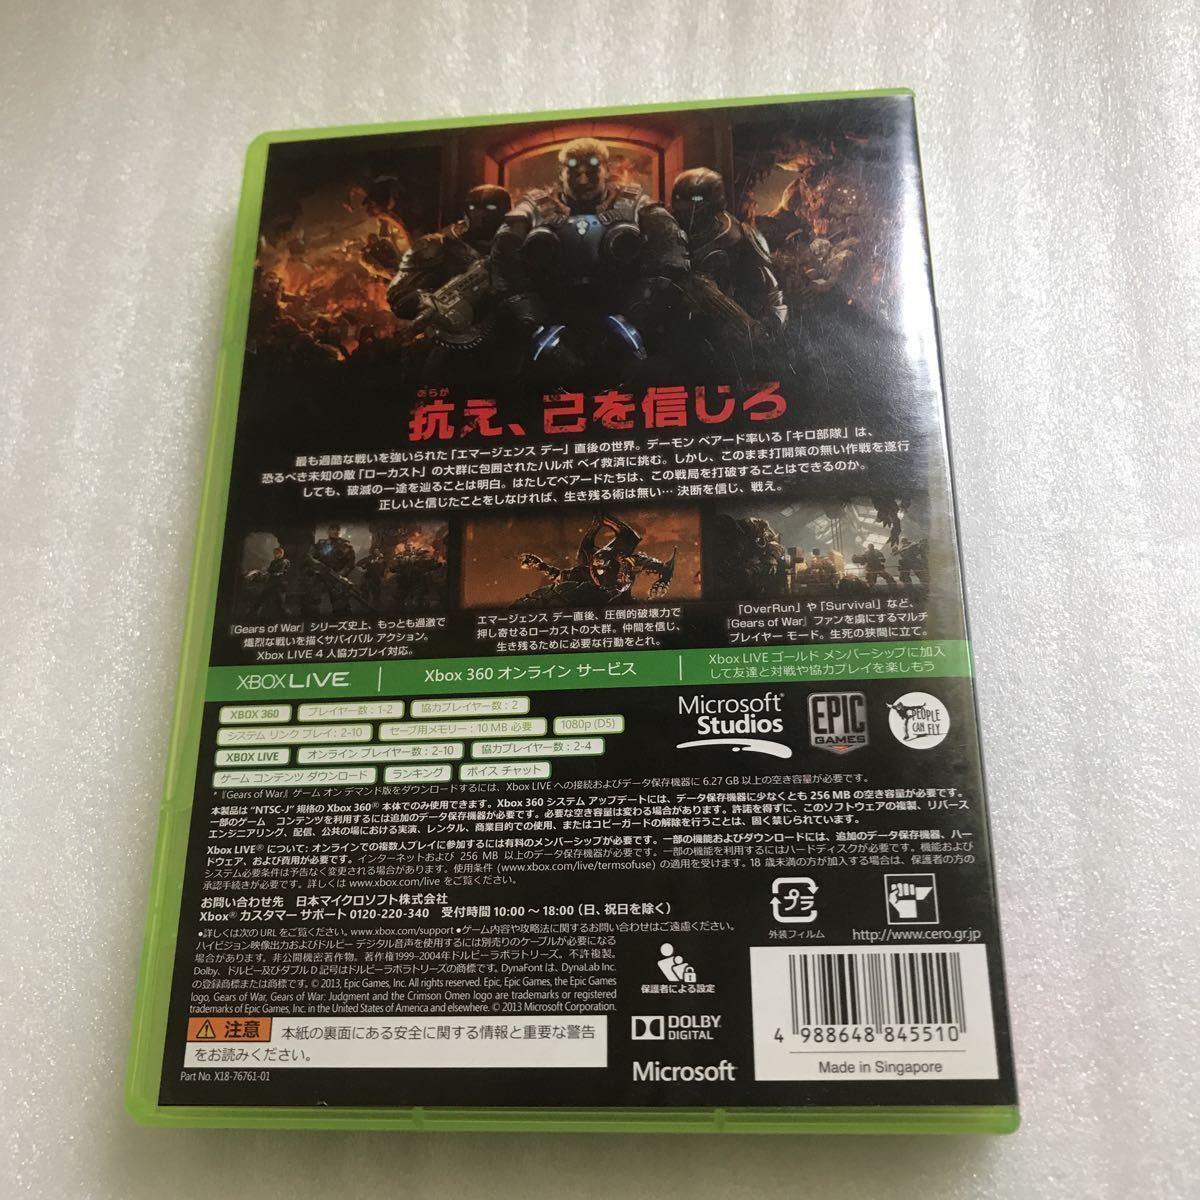 XBOX360 ソフト GEARS of WAR JUDGMENT ギアーズオブウォー ジャッジメント